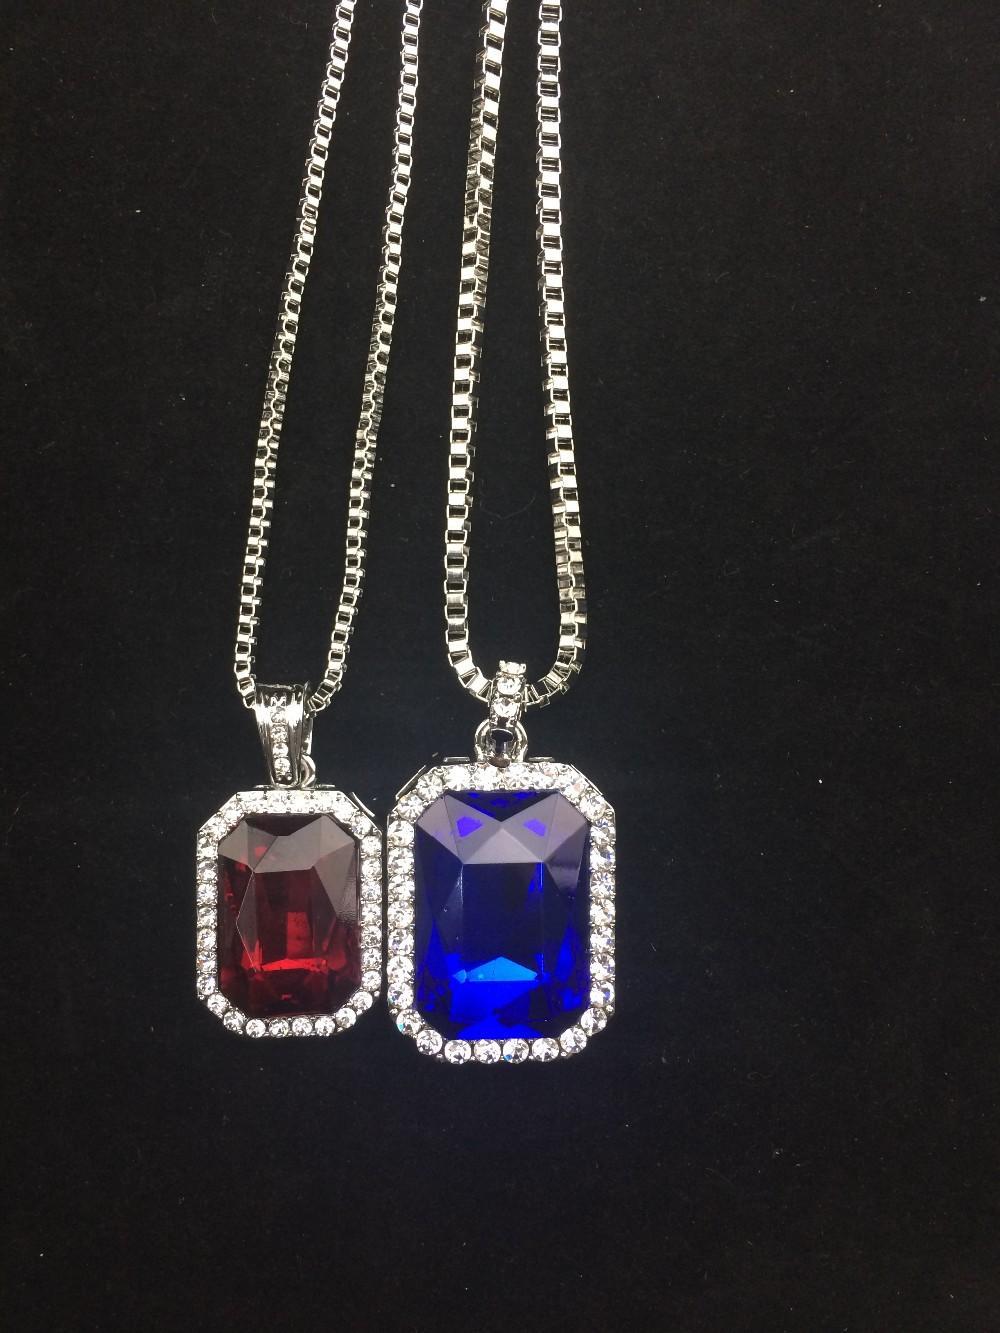 Quadrado gelado para fora hip hop jóias laboratório diamante pingente colar conjunto de pedra prateado rapper com corrente